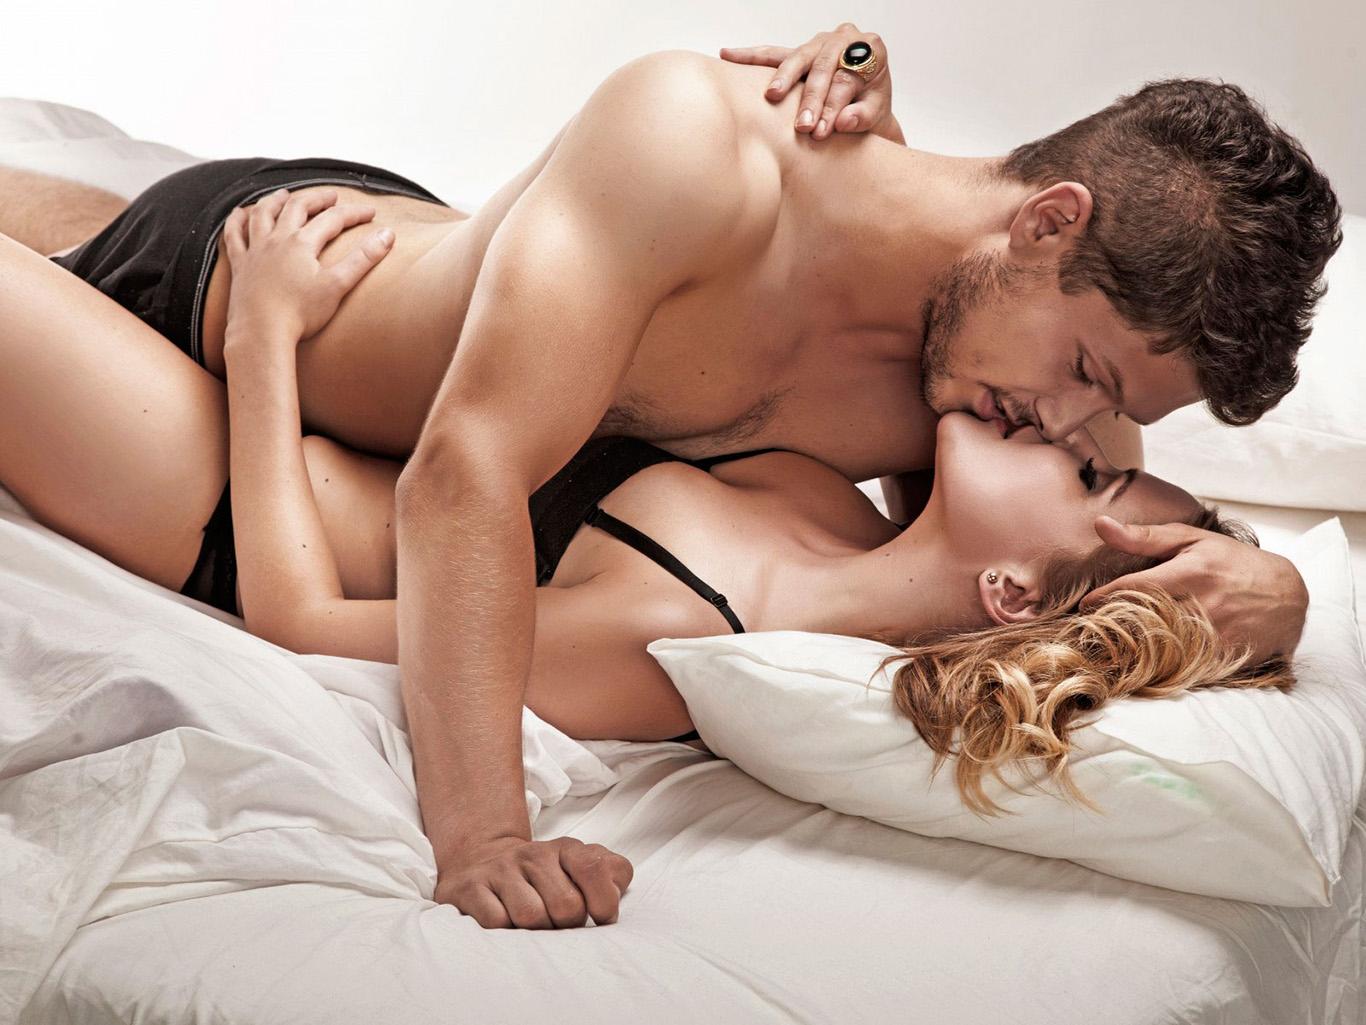 Виолеттой ххх влюбленная пара эротика разное